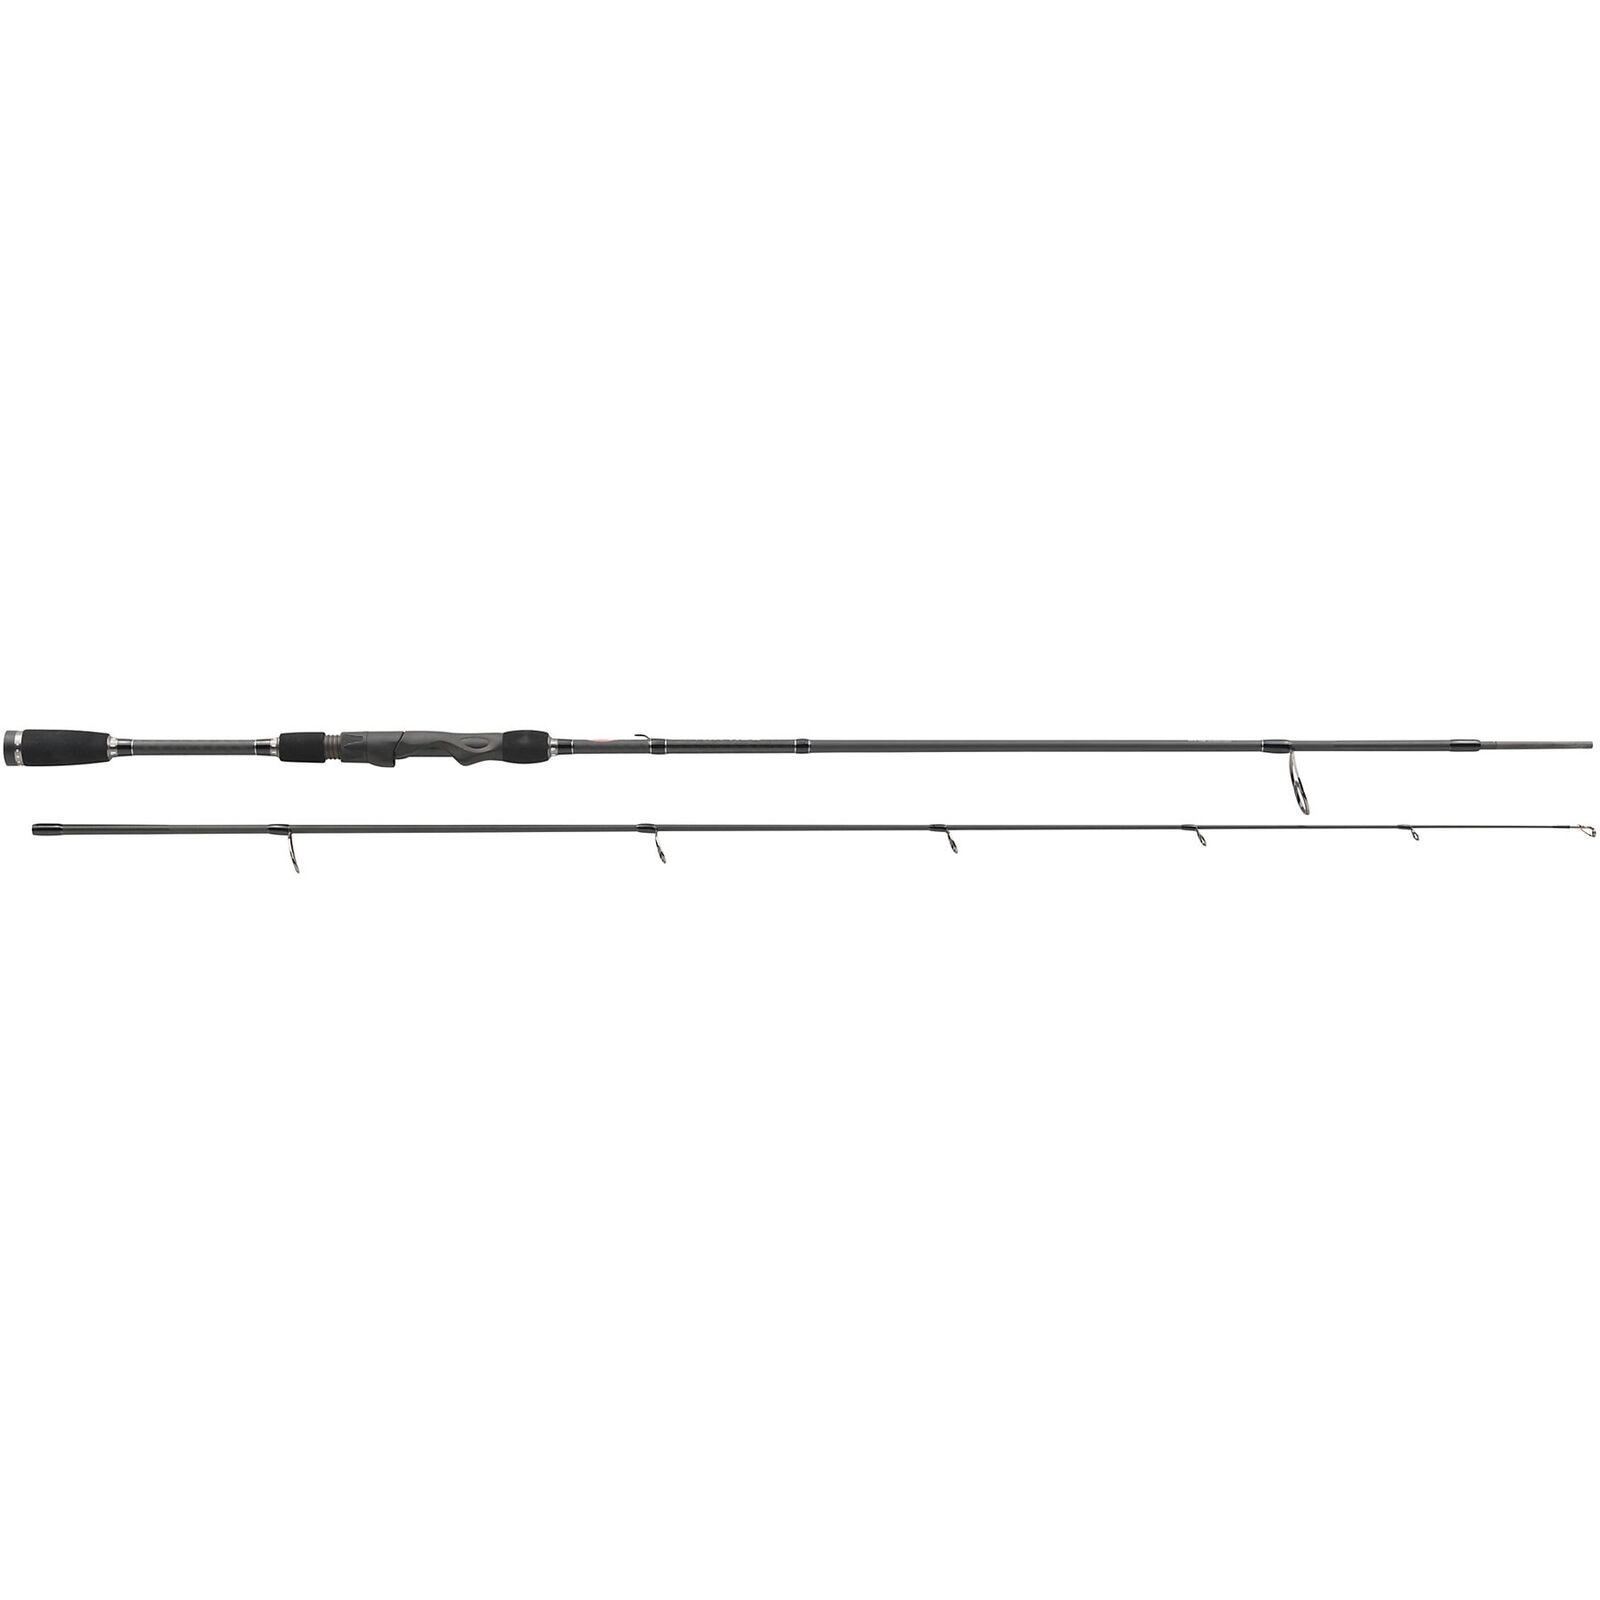 Berkley Air   Spinning Fishing Rods